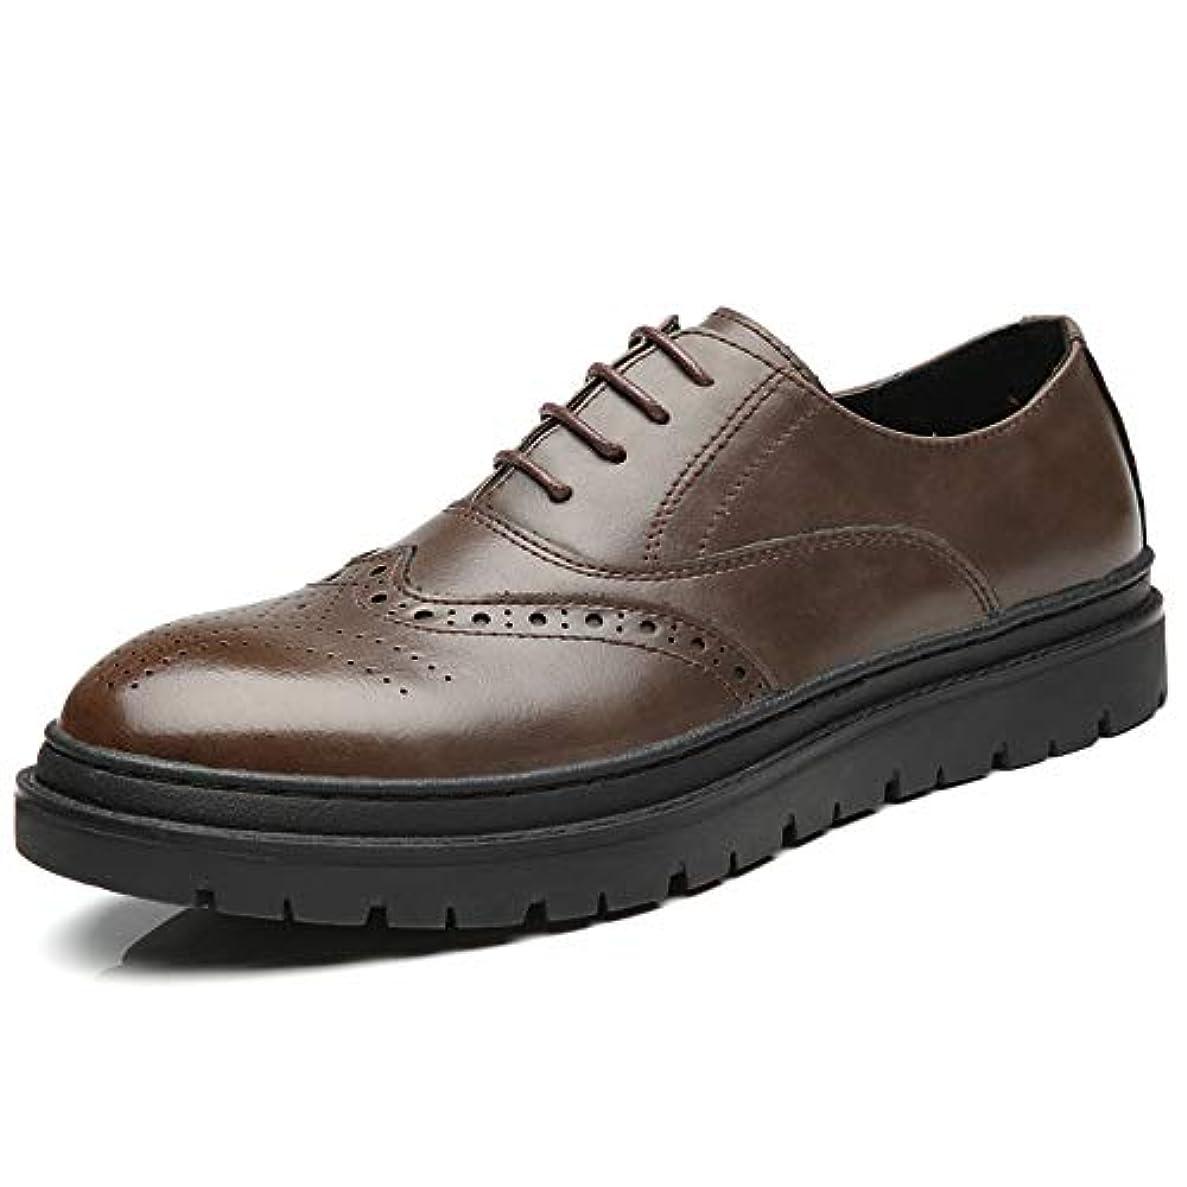 インク厚さ推進力レザーシューズ メンズ 紳士靴 ビジネス ウイングチップ メダリオン 内羽根 レースアップ 通気 厚底 滑り止め 頑丈 学生 通勤通学 走れる ブラック ブラウン